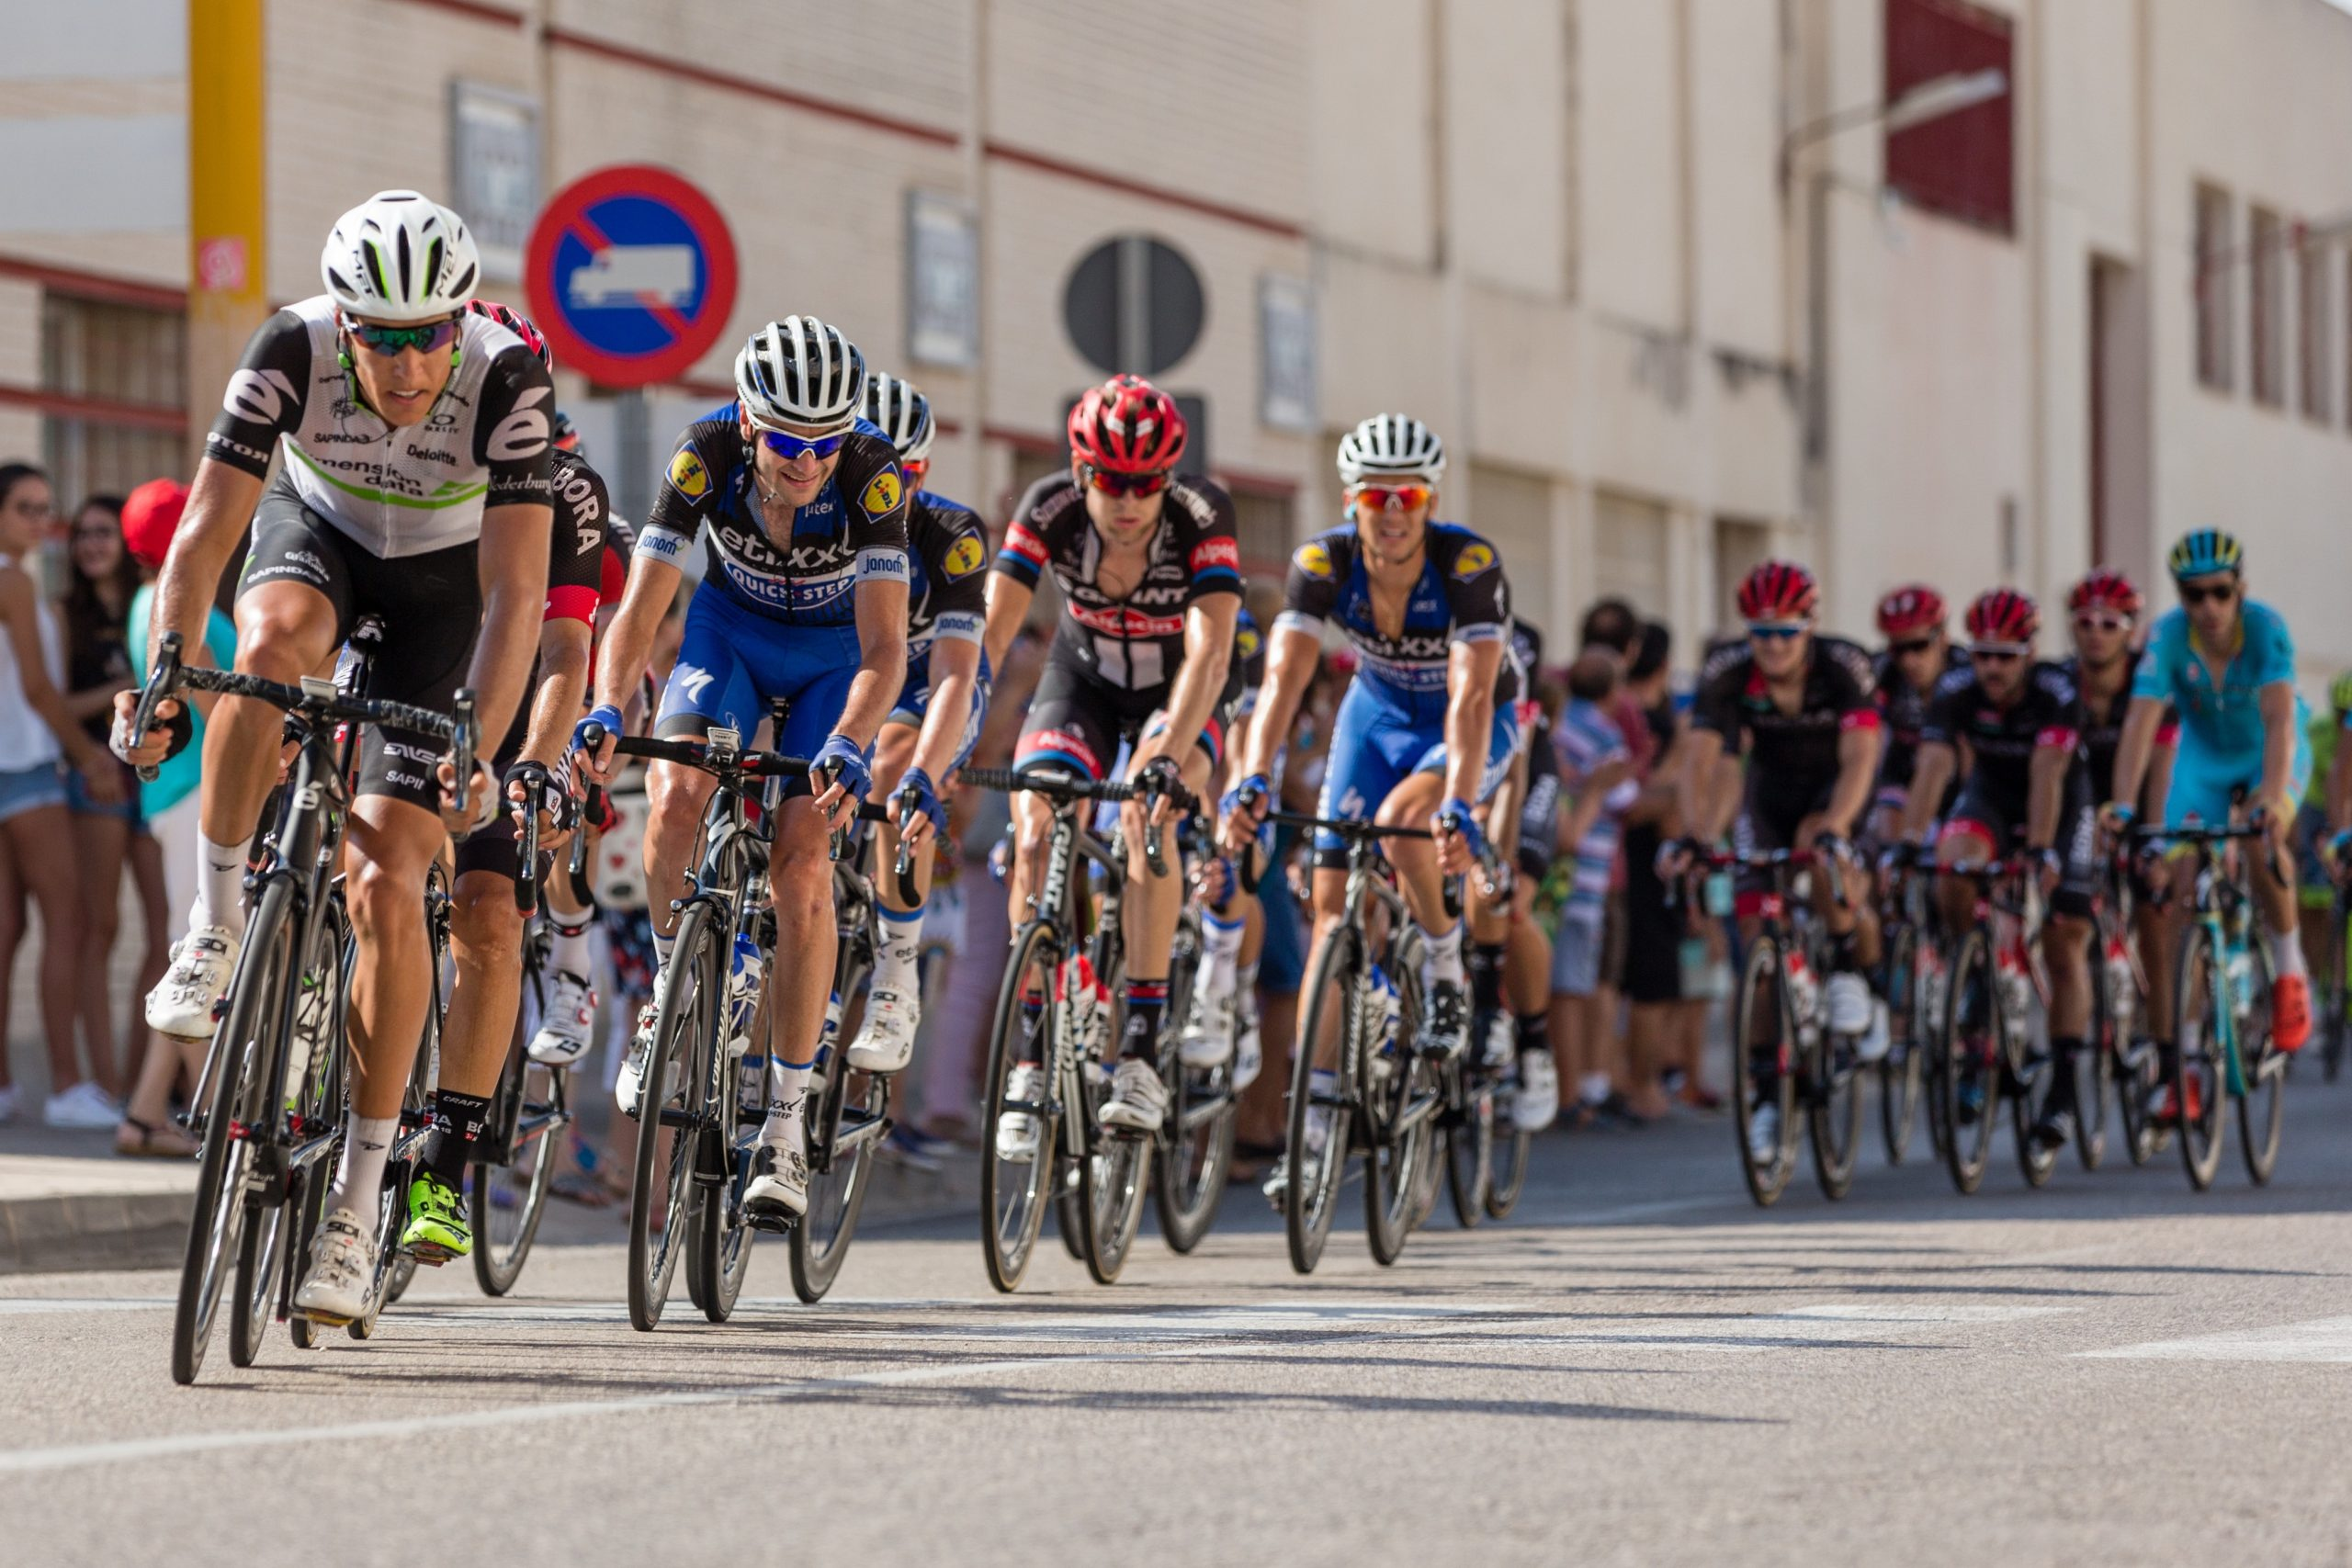 Vários ciclistas uniformizados realizando um percurso na rua